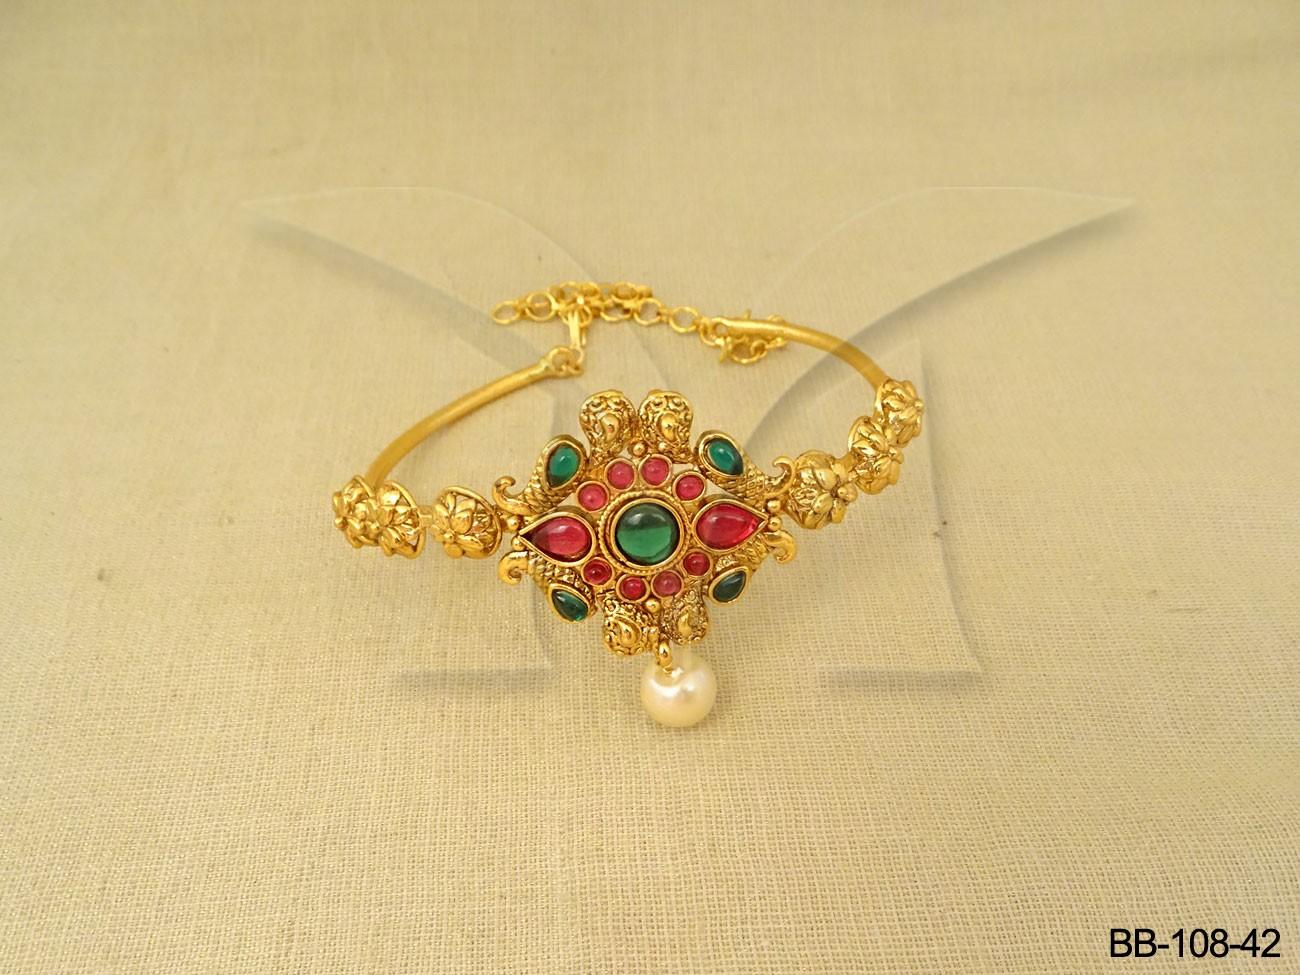 Kempu Stone Jewellery Bajuband